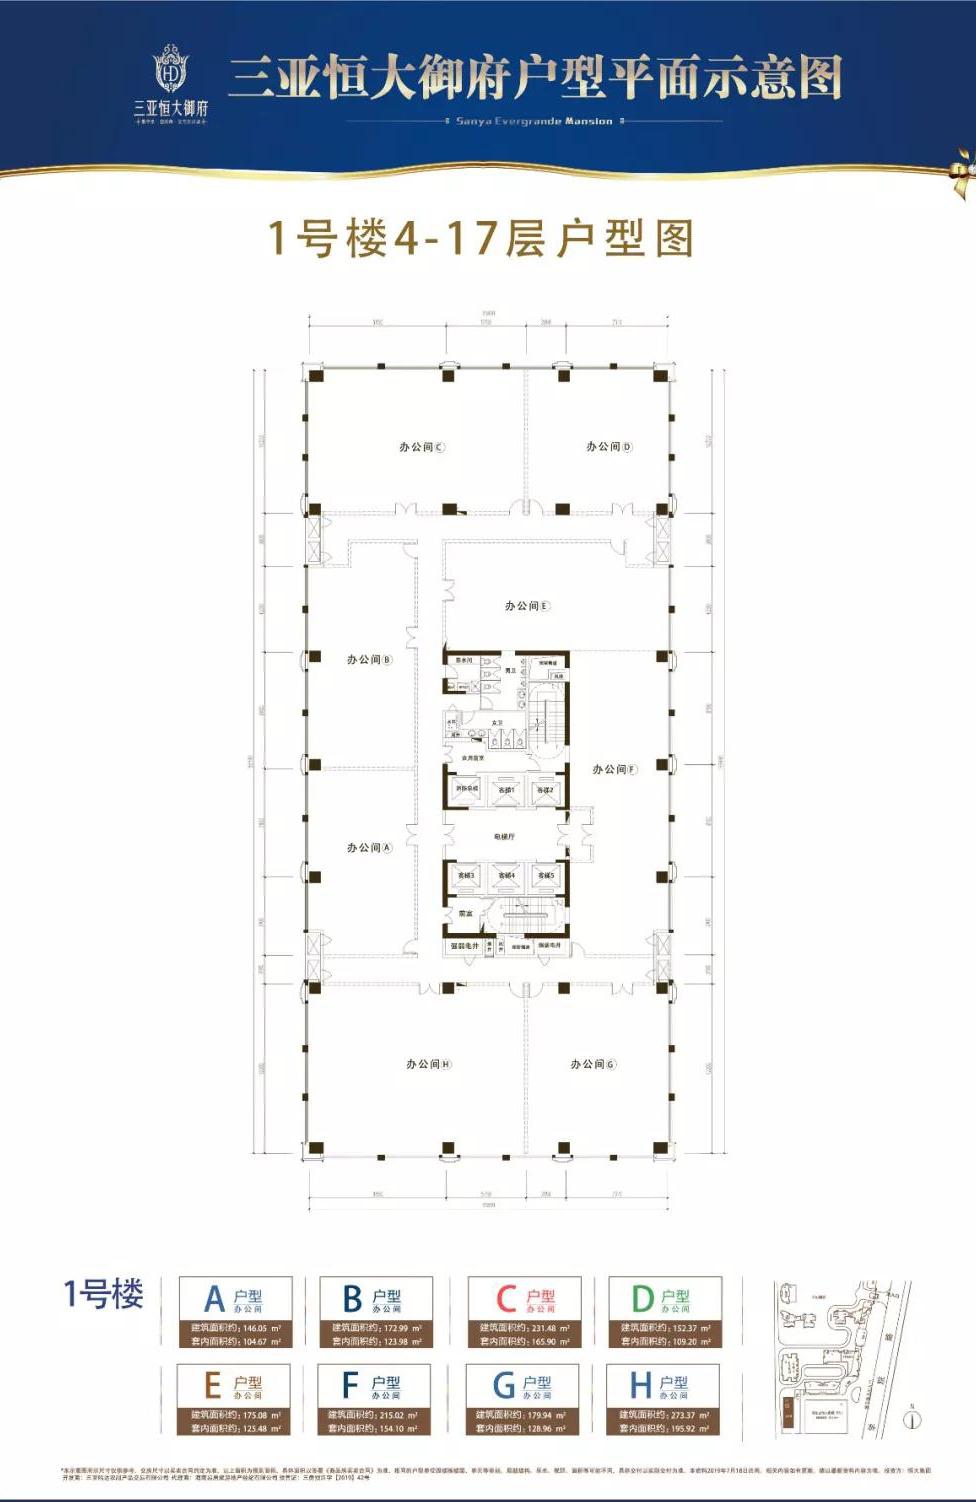 三亚恒大御府 办公1号楼4-17层户型图